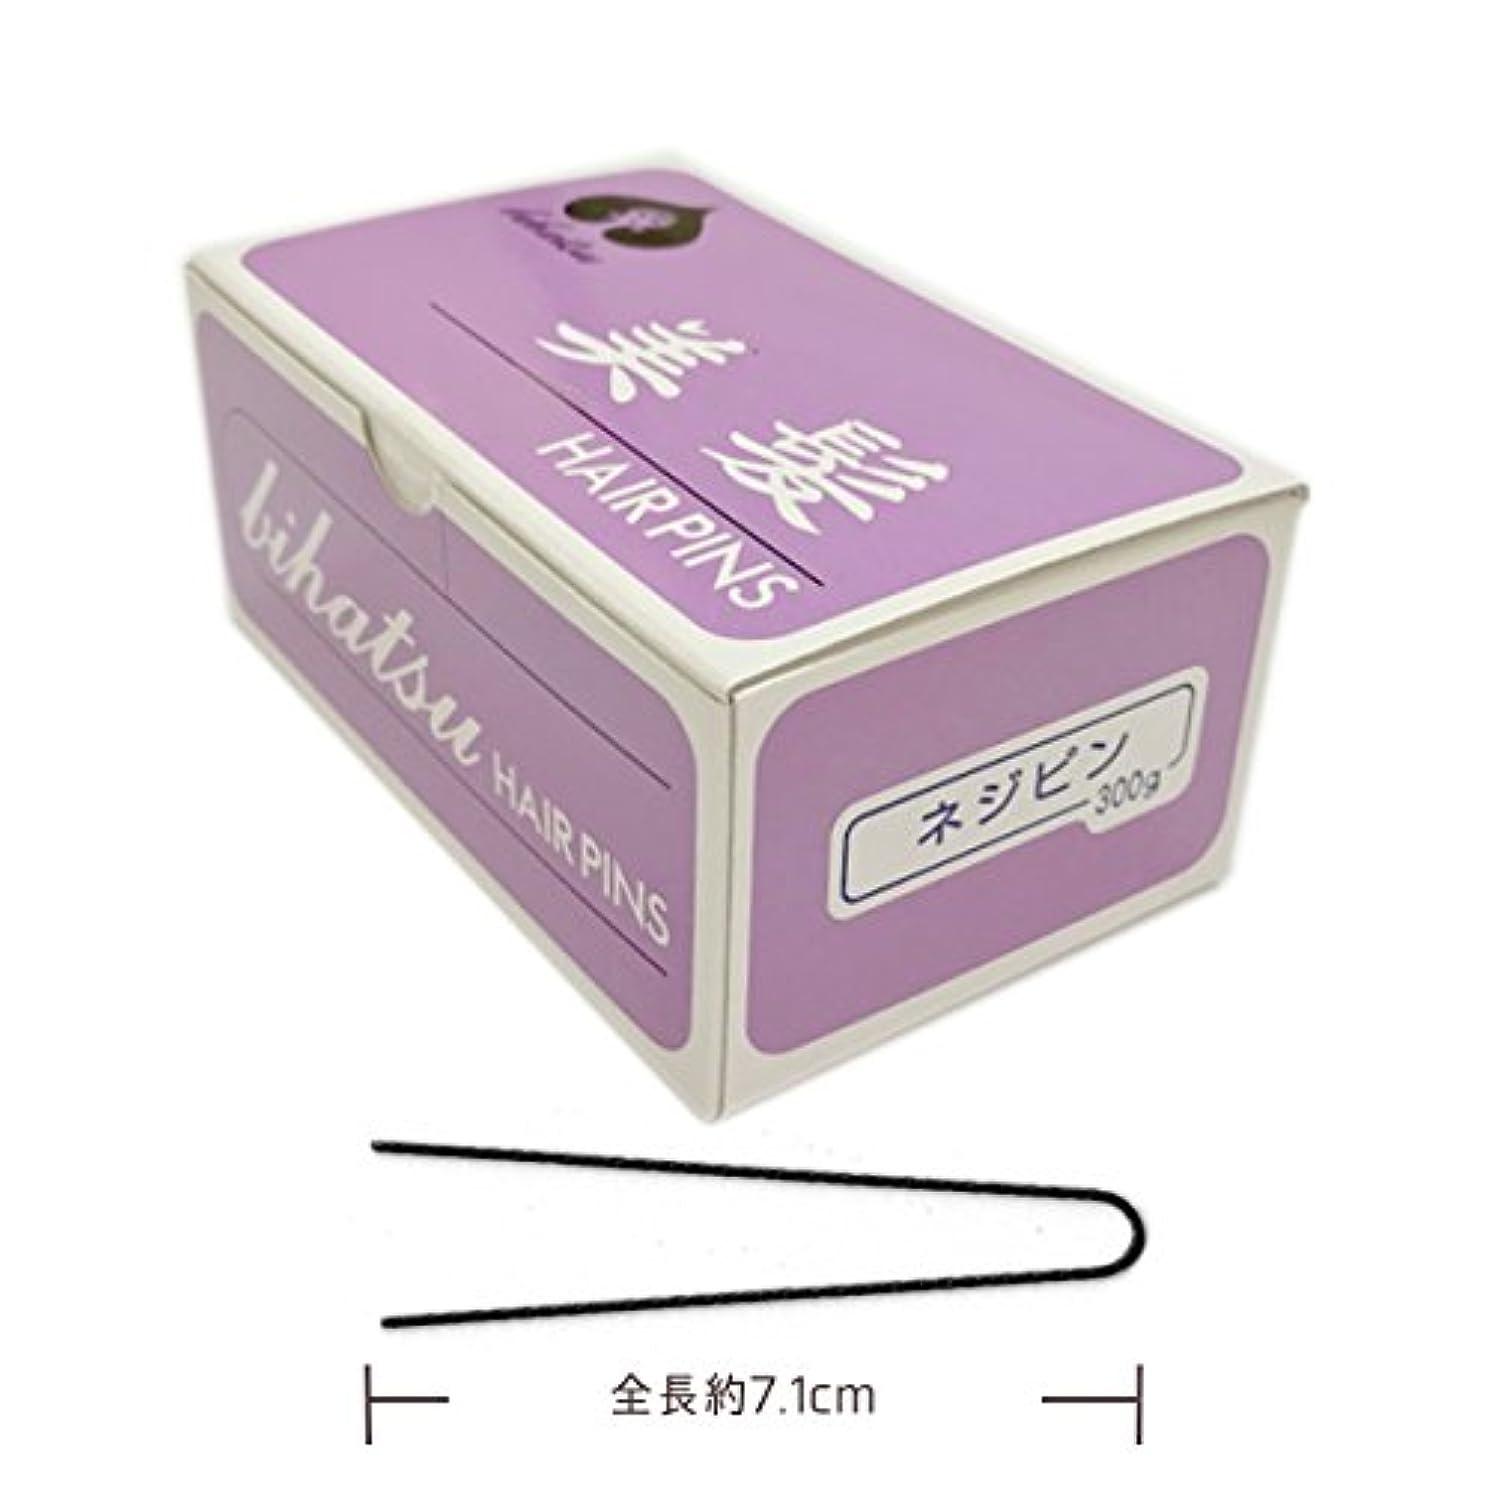 不承認目立つ歯痛ヒラヤマ ビハツ ネジピン (美髪) 300g約340本入